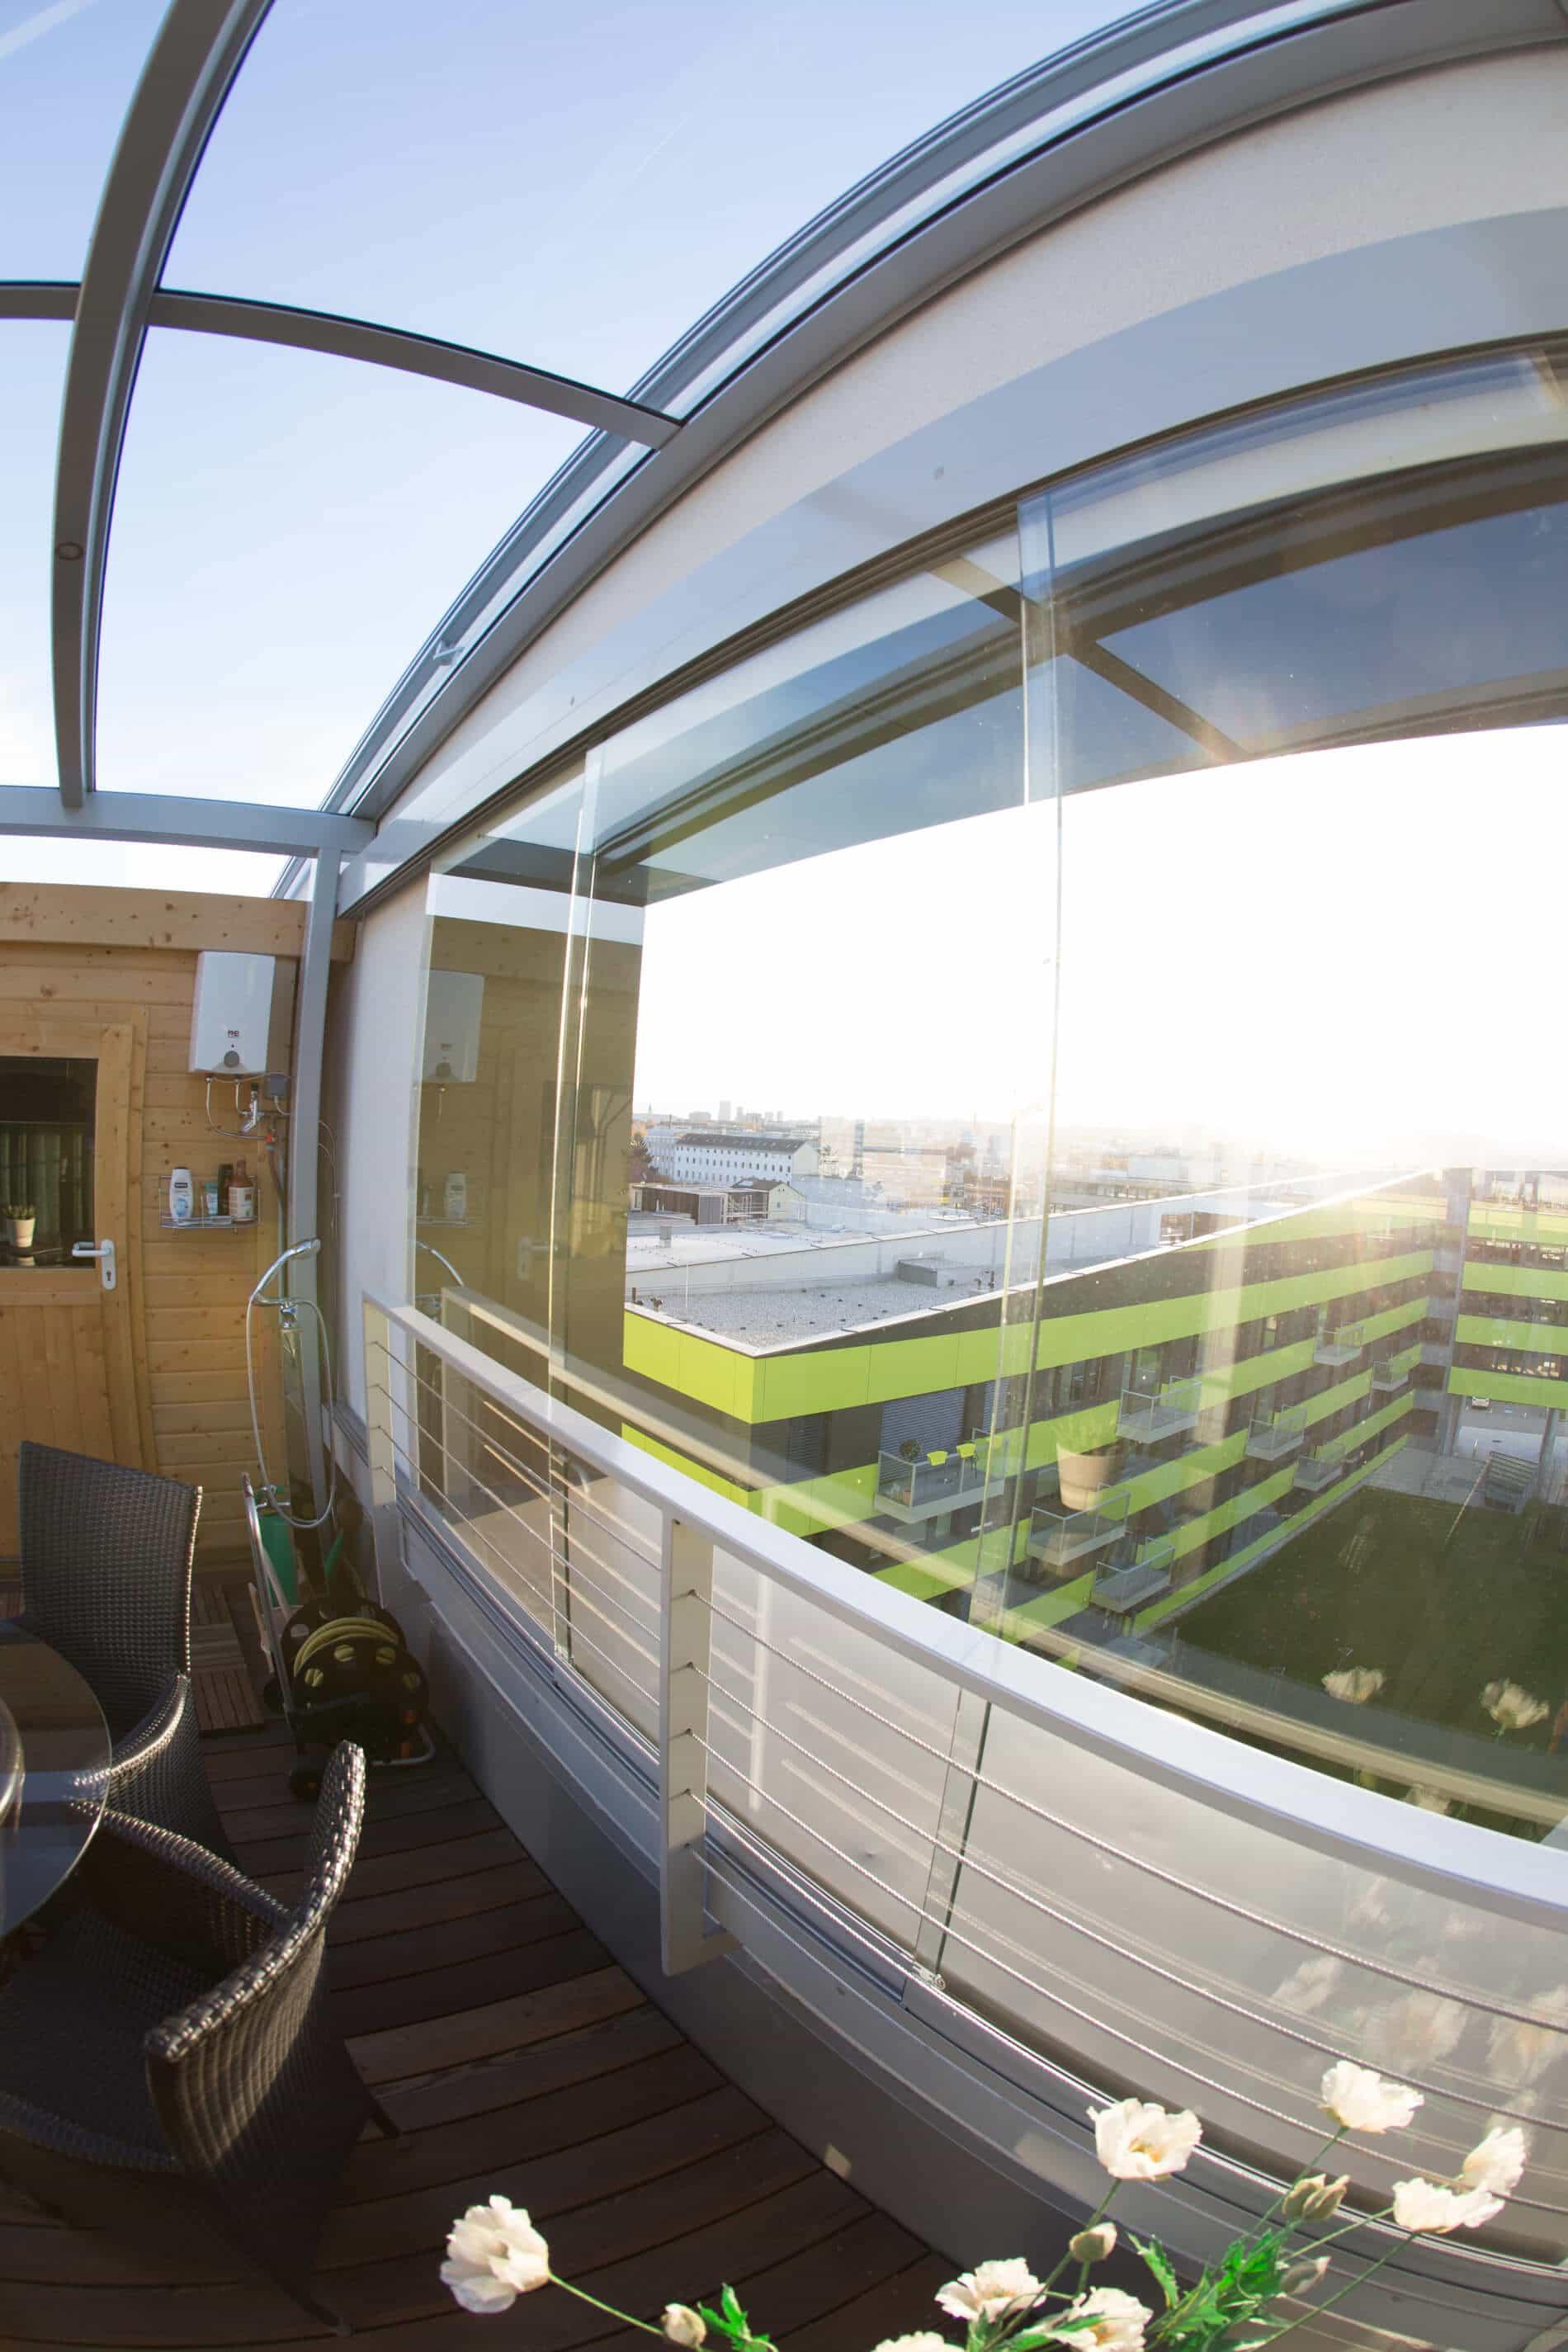 Glasschiebewände Terrassen Exakt Nach Maß Produziert Und Mit Eigenen